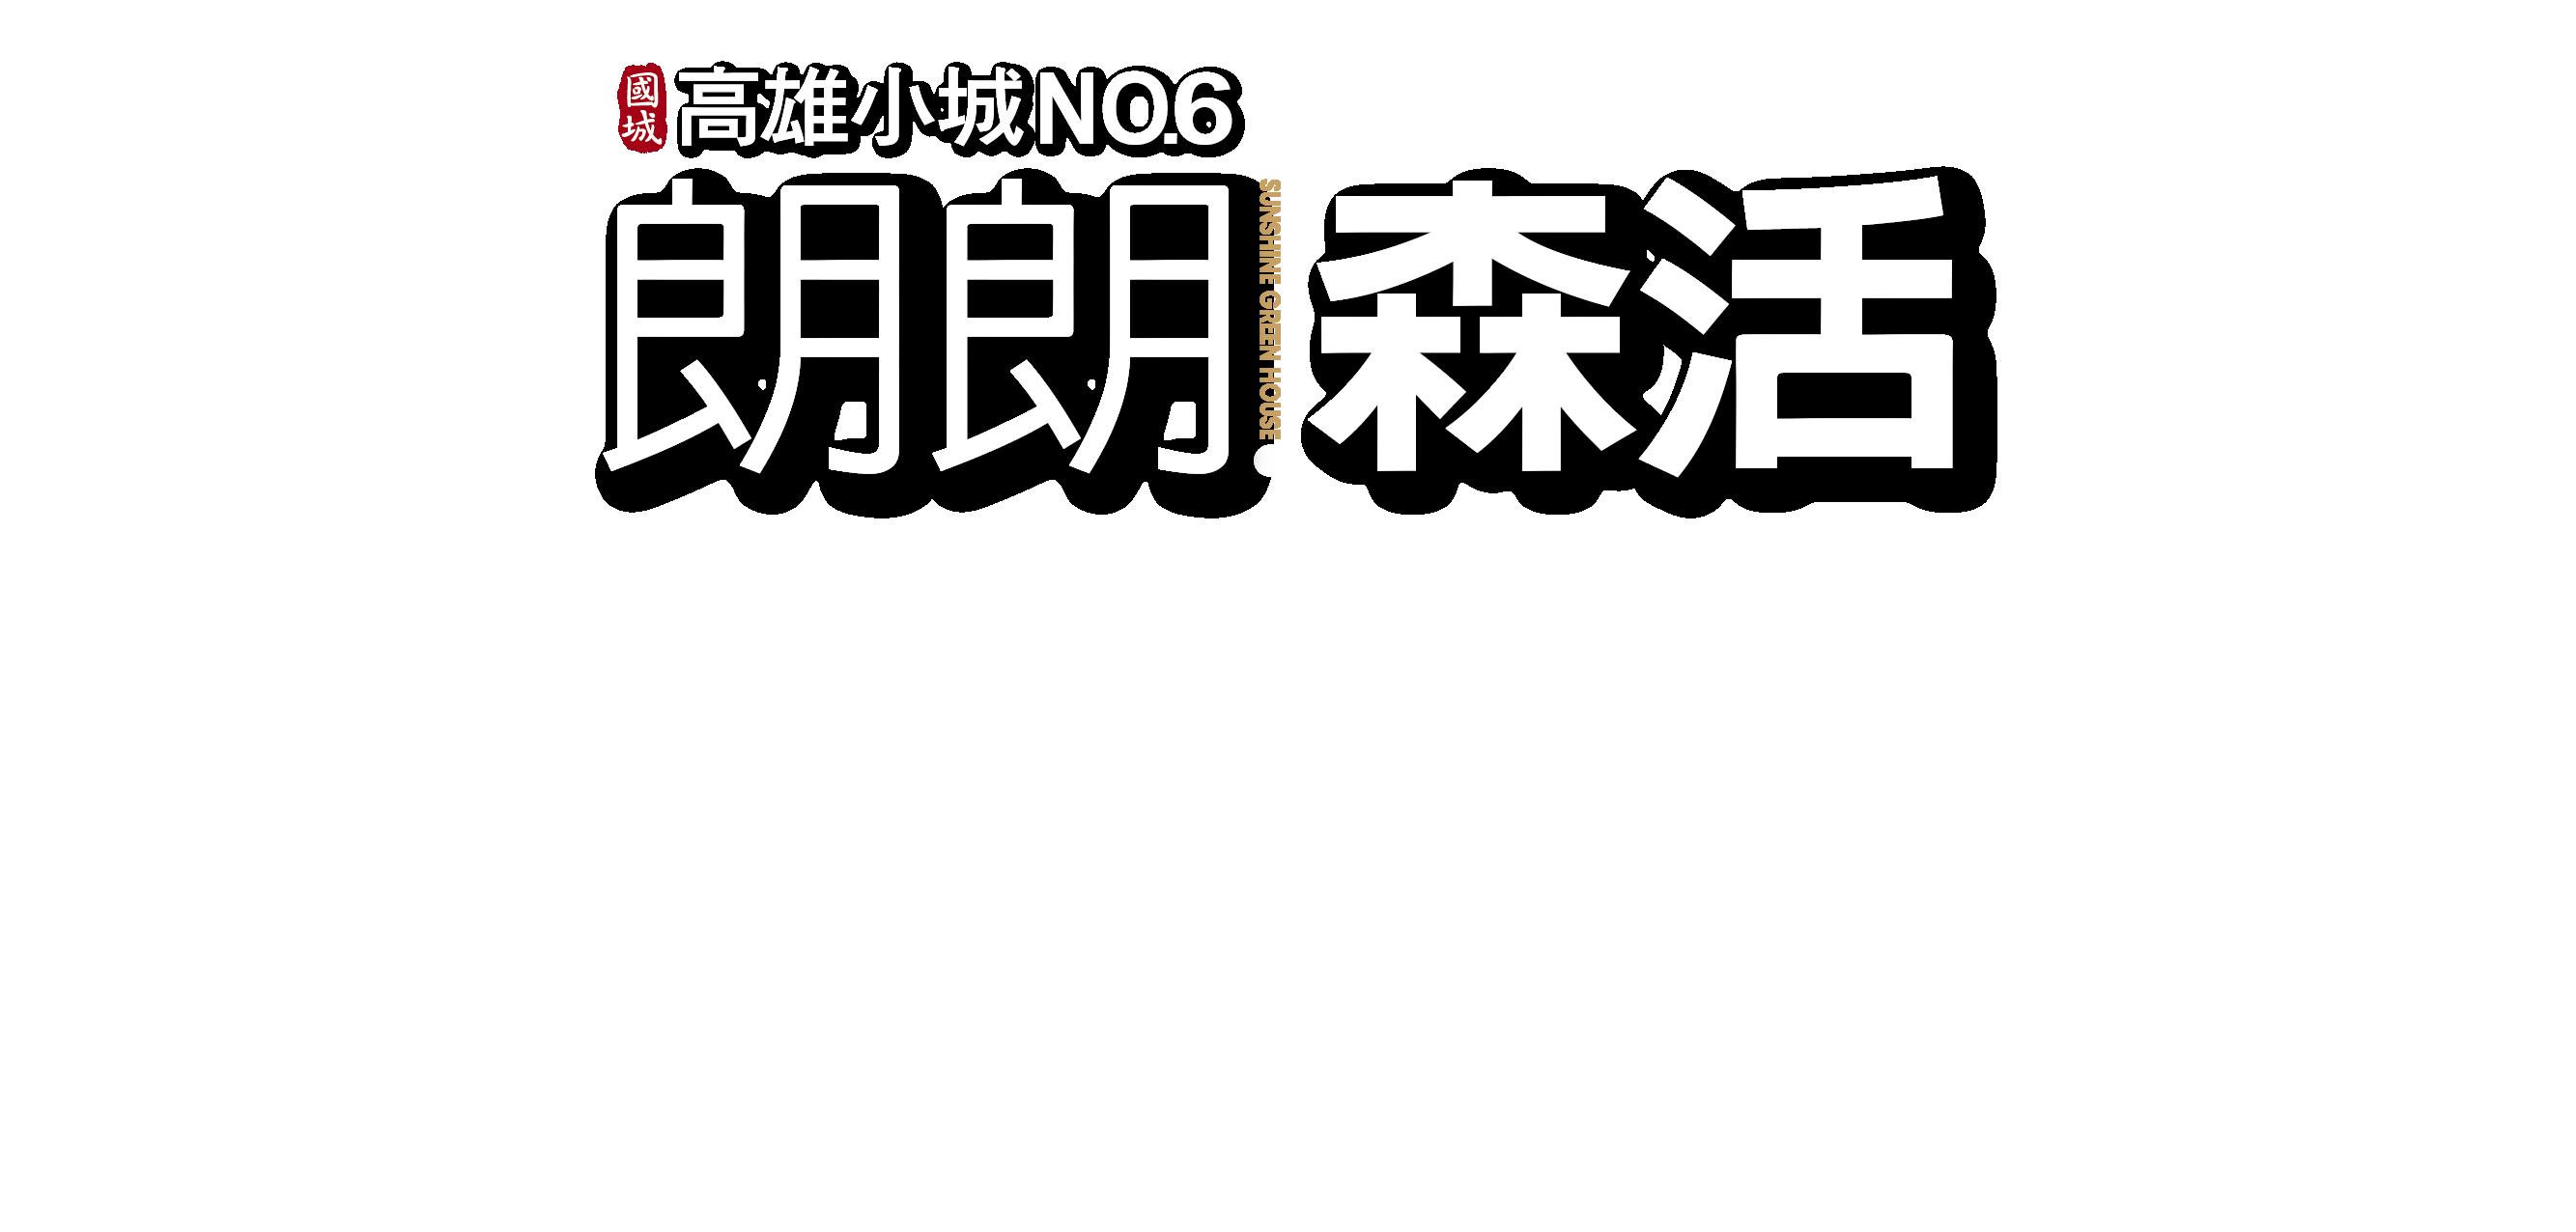 朗朗森活_高雄小城NO6